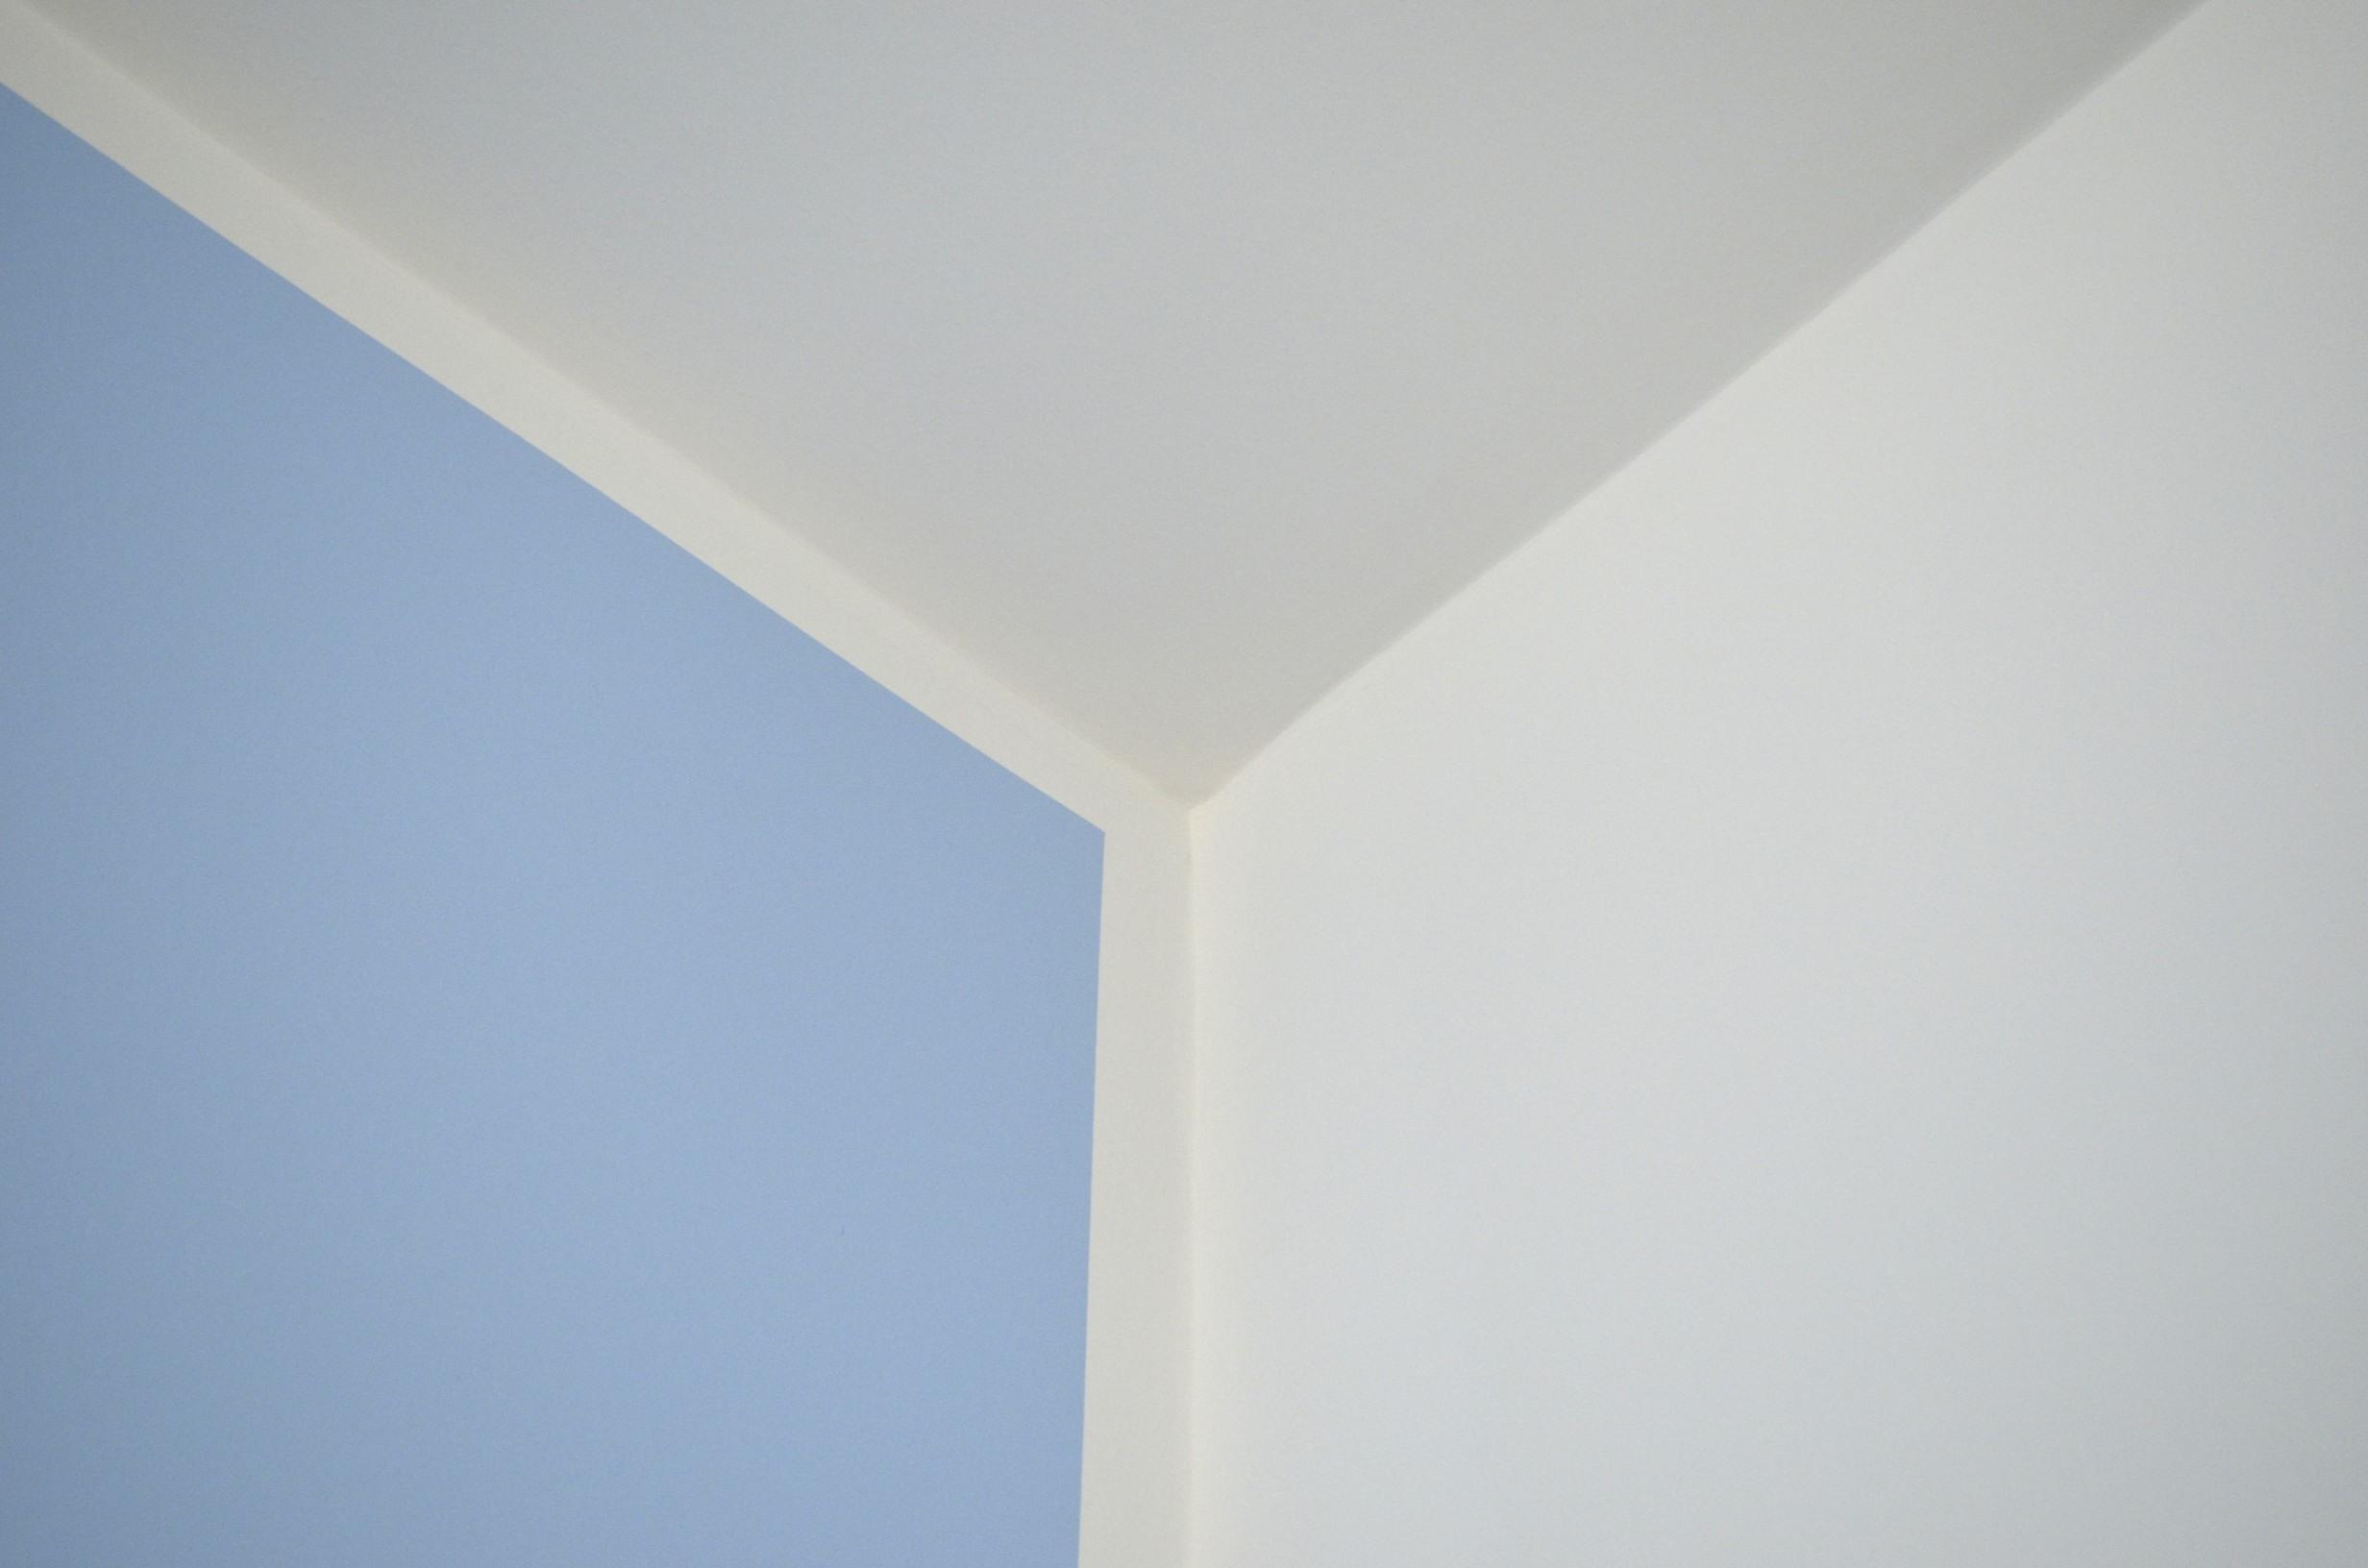 kleinauftragsdienst malermeister matthias pl nzke. Black Bedroom Furniture Sets. Home Design Ideas